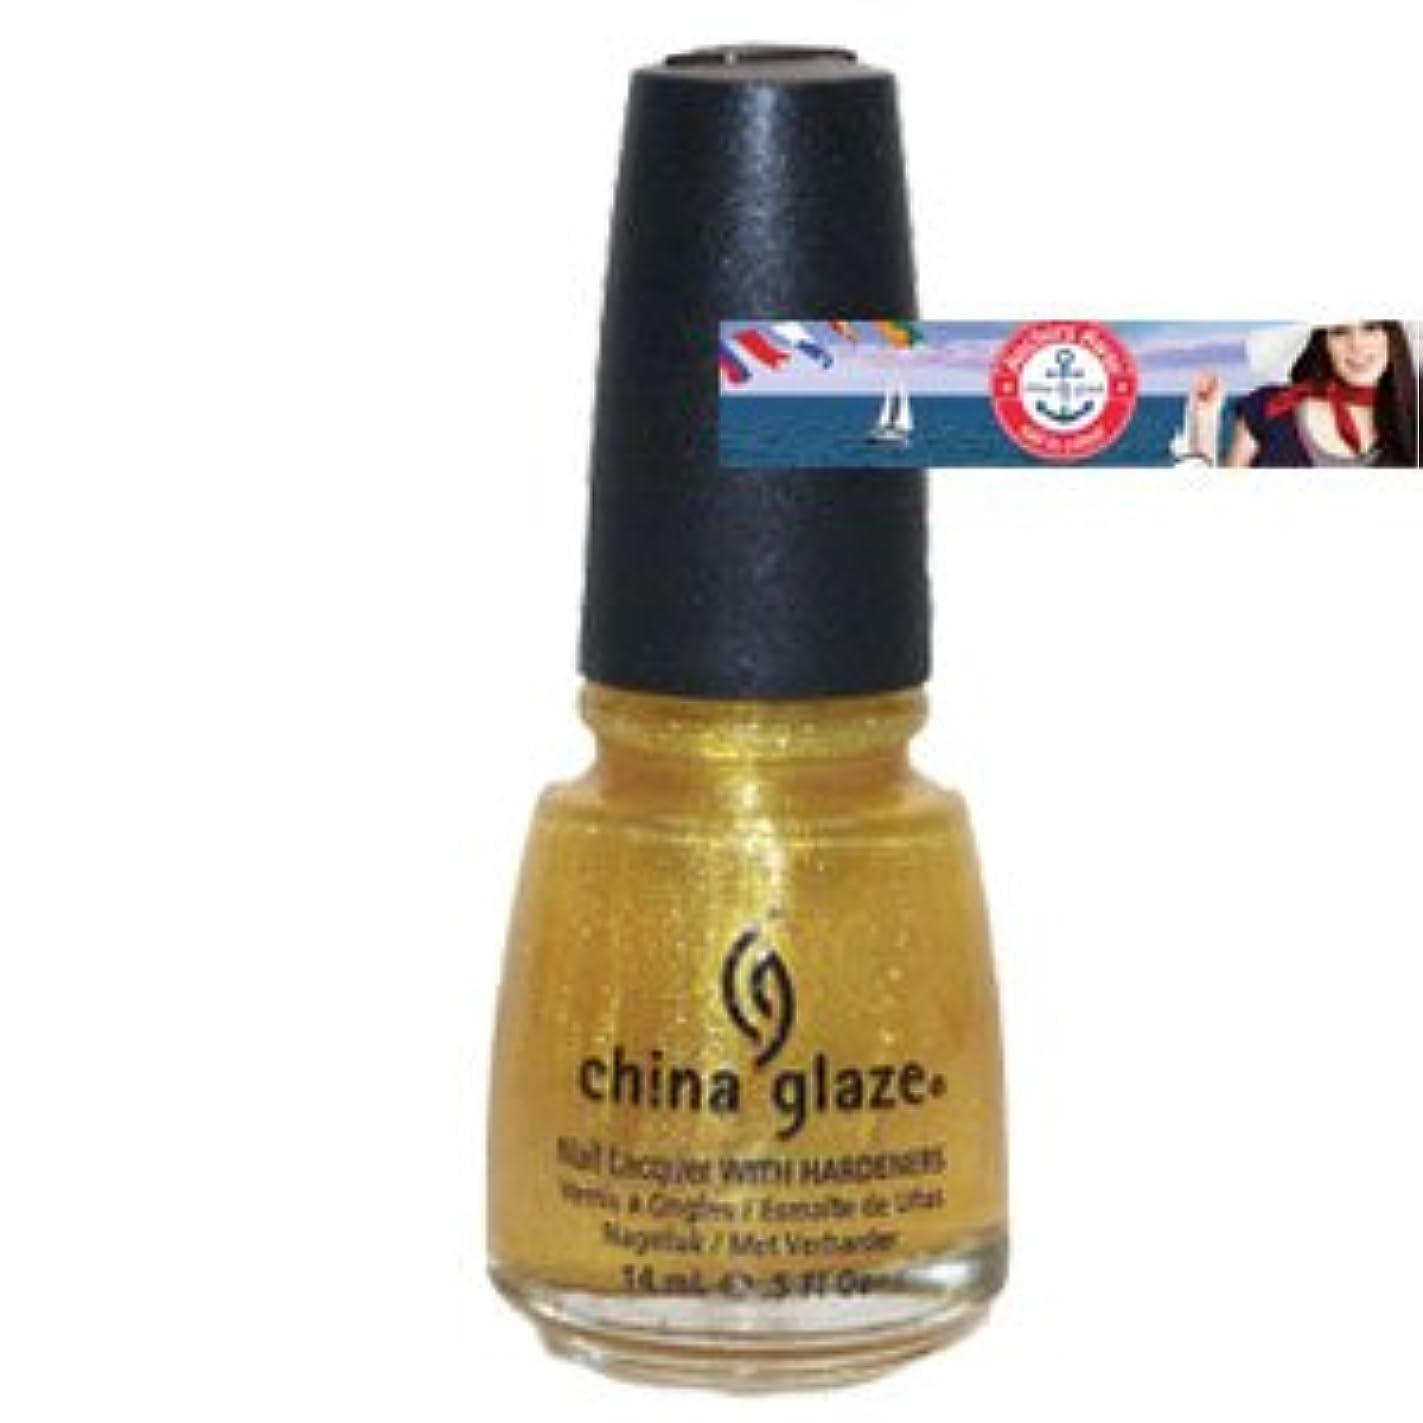 管理者着るロボット(チャイナグレイズ)China Glaze Anchors Away Collection?Lighthouse [海外直送品][並行輸入品]